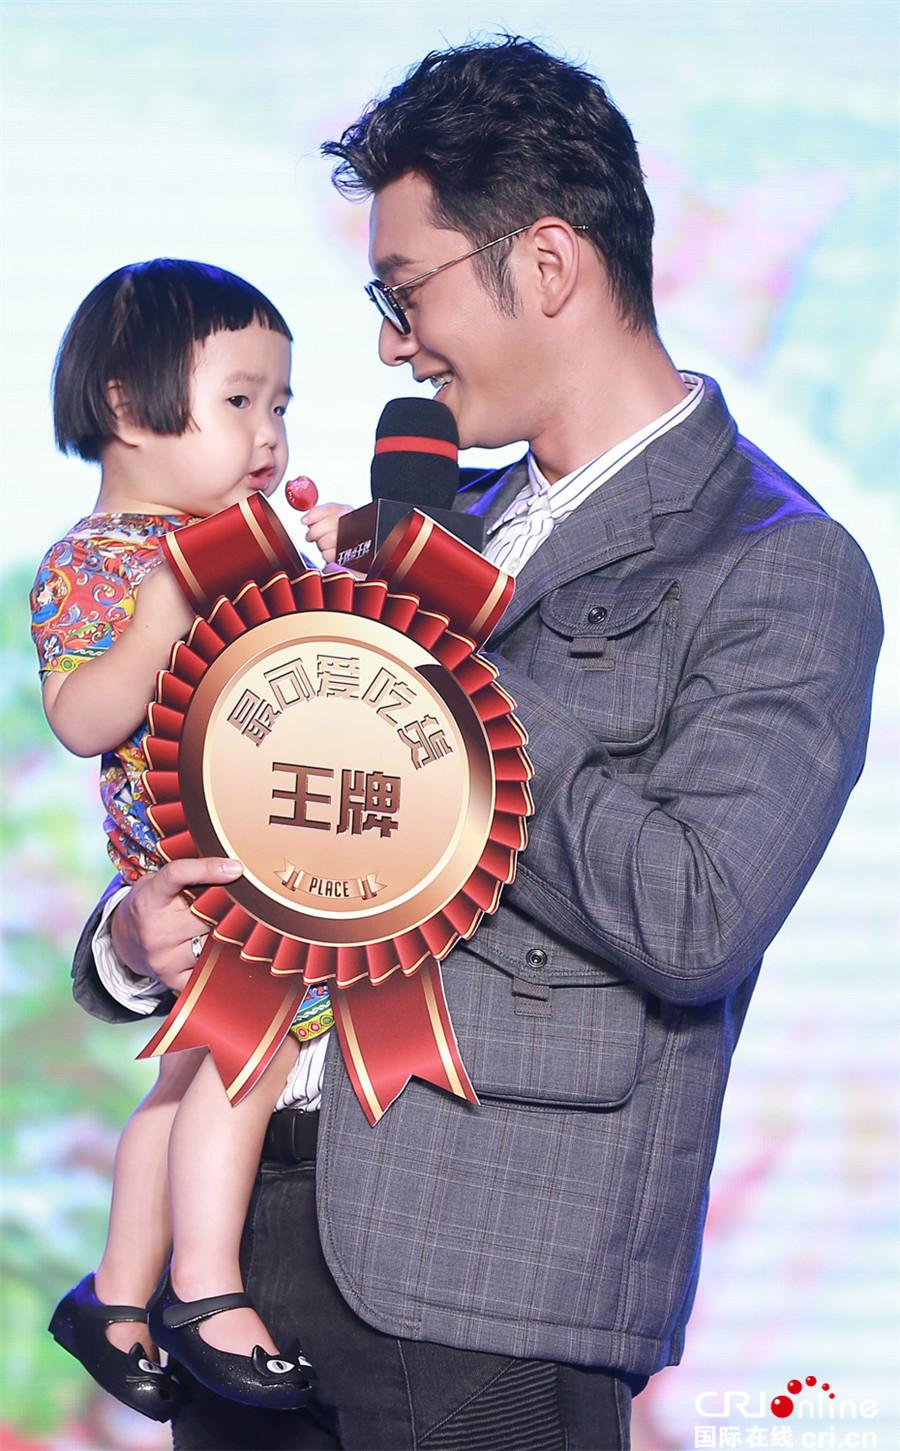 黄晓明暧昧回应Angelababy怀孕传闻:锻炼身体准备抱孩子